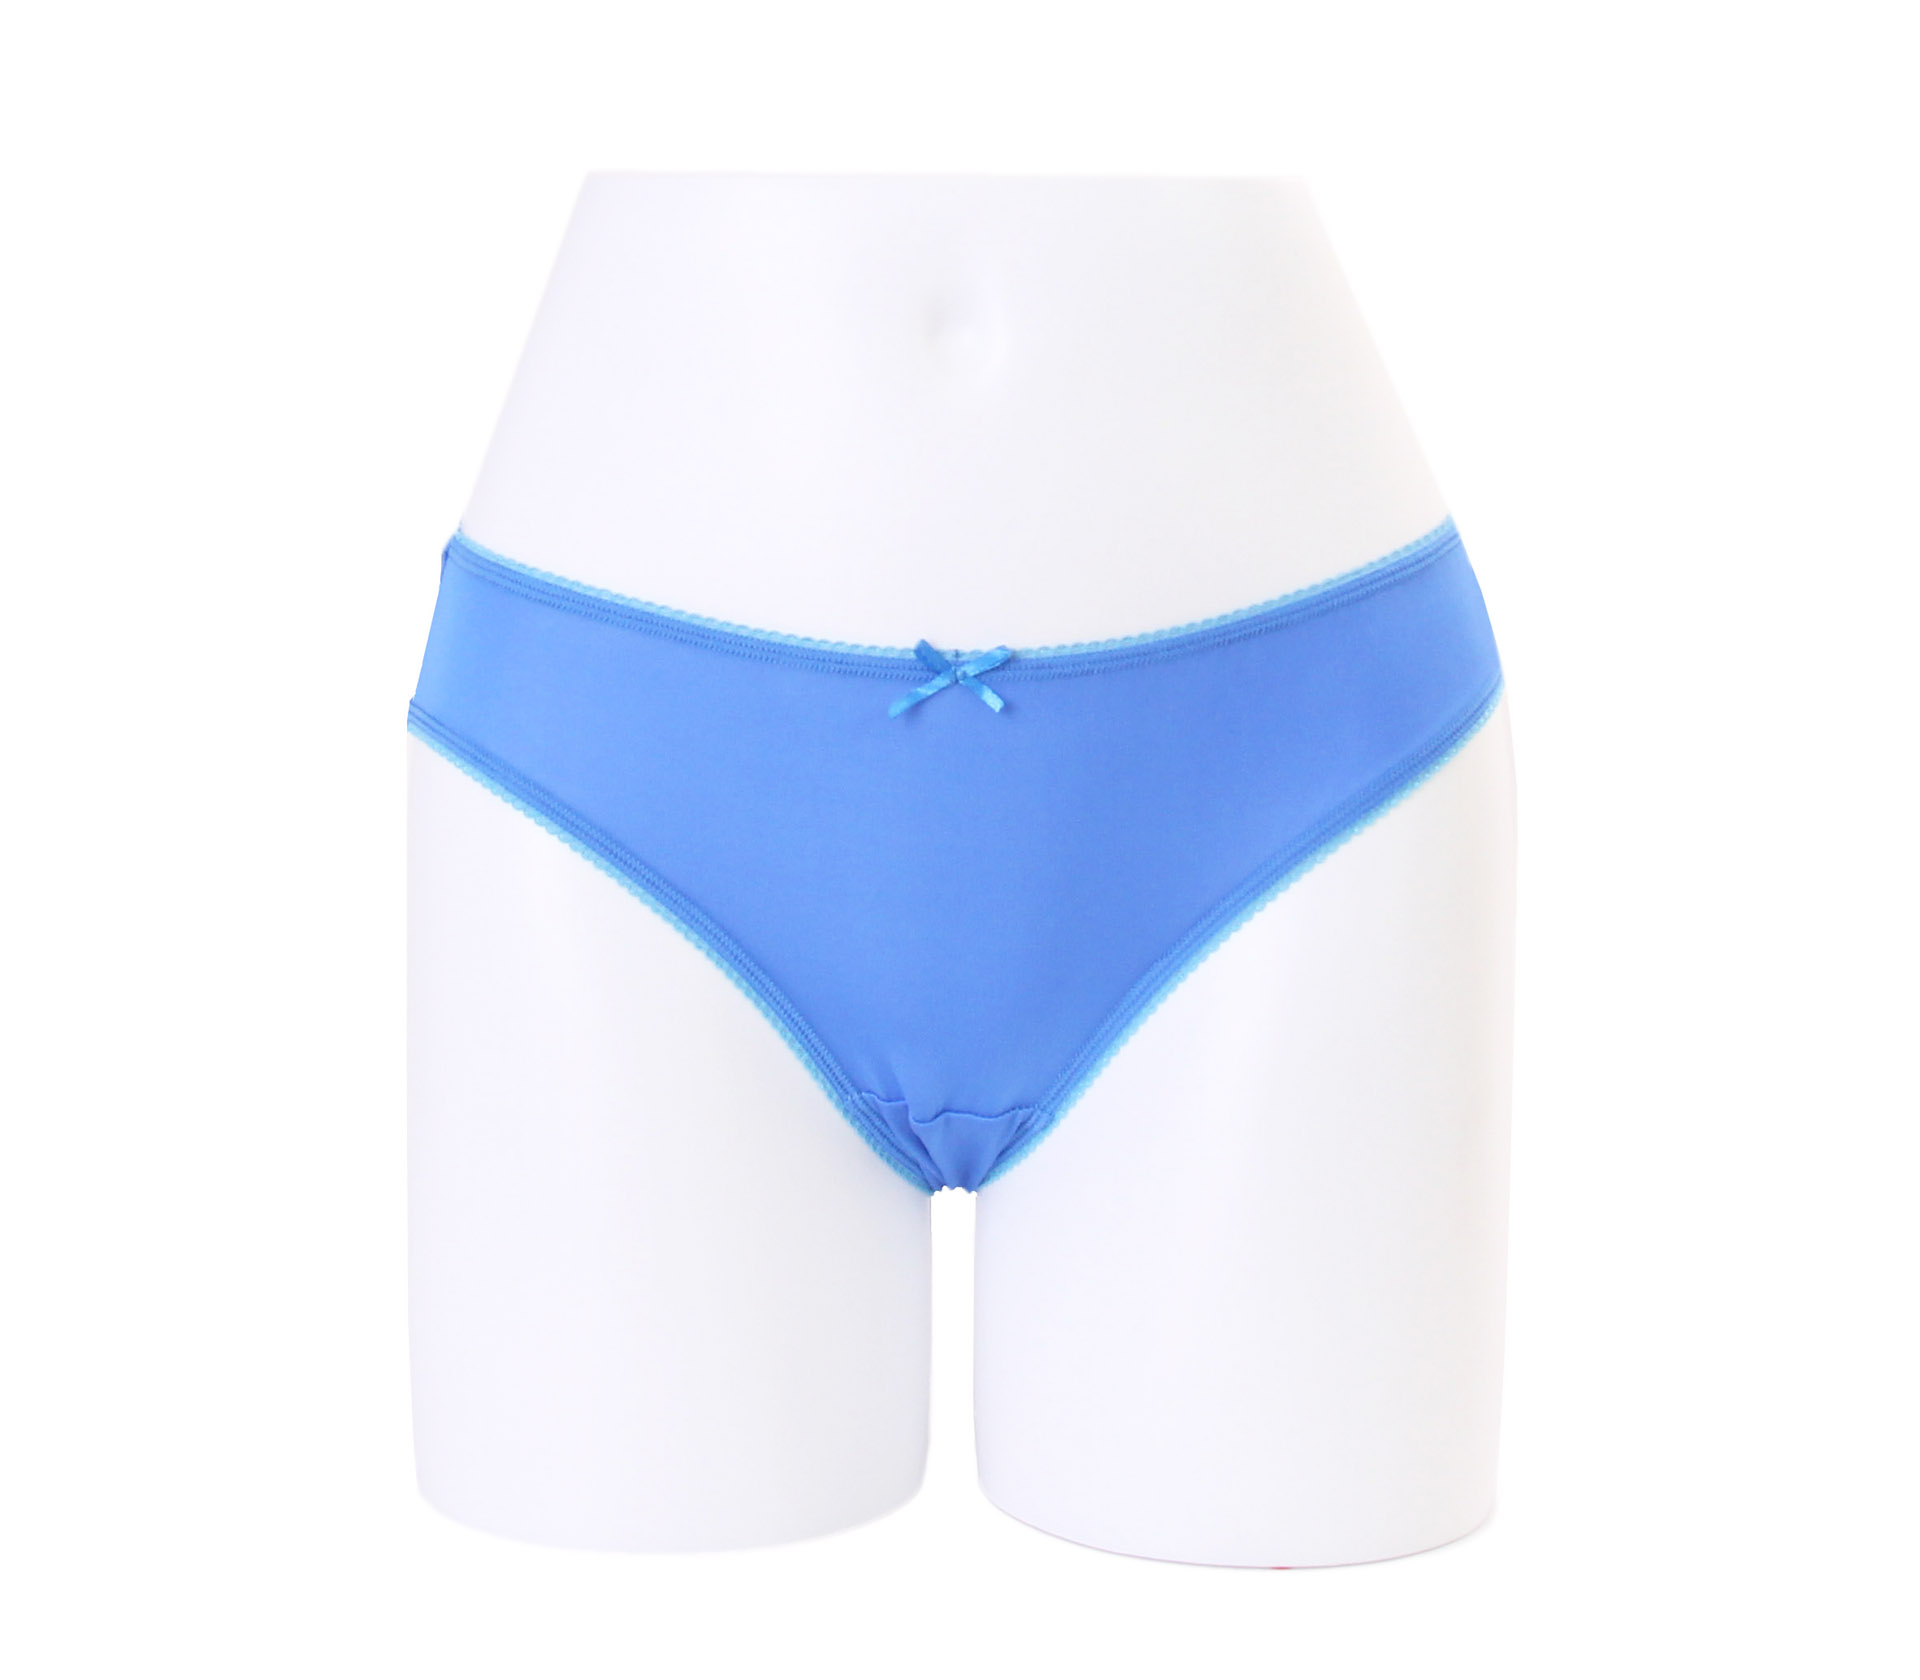 闕蘭絹32針超涼春蠶100%蠶絲內褲-88112-1(藍)